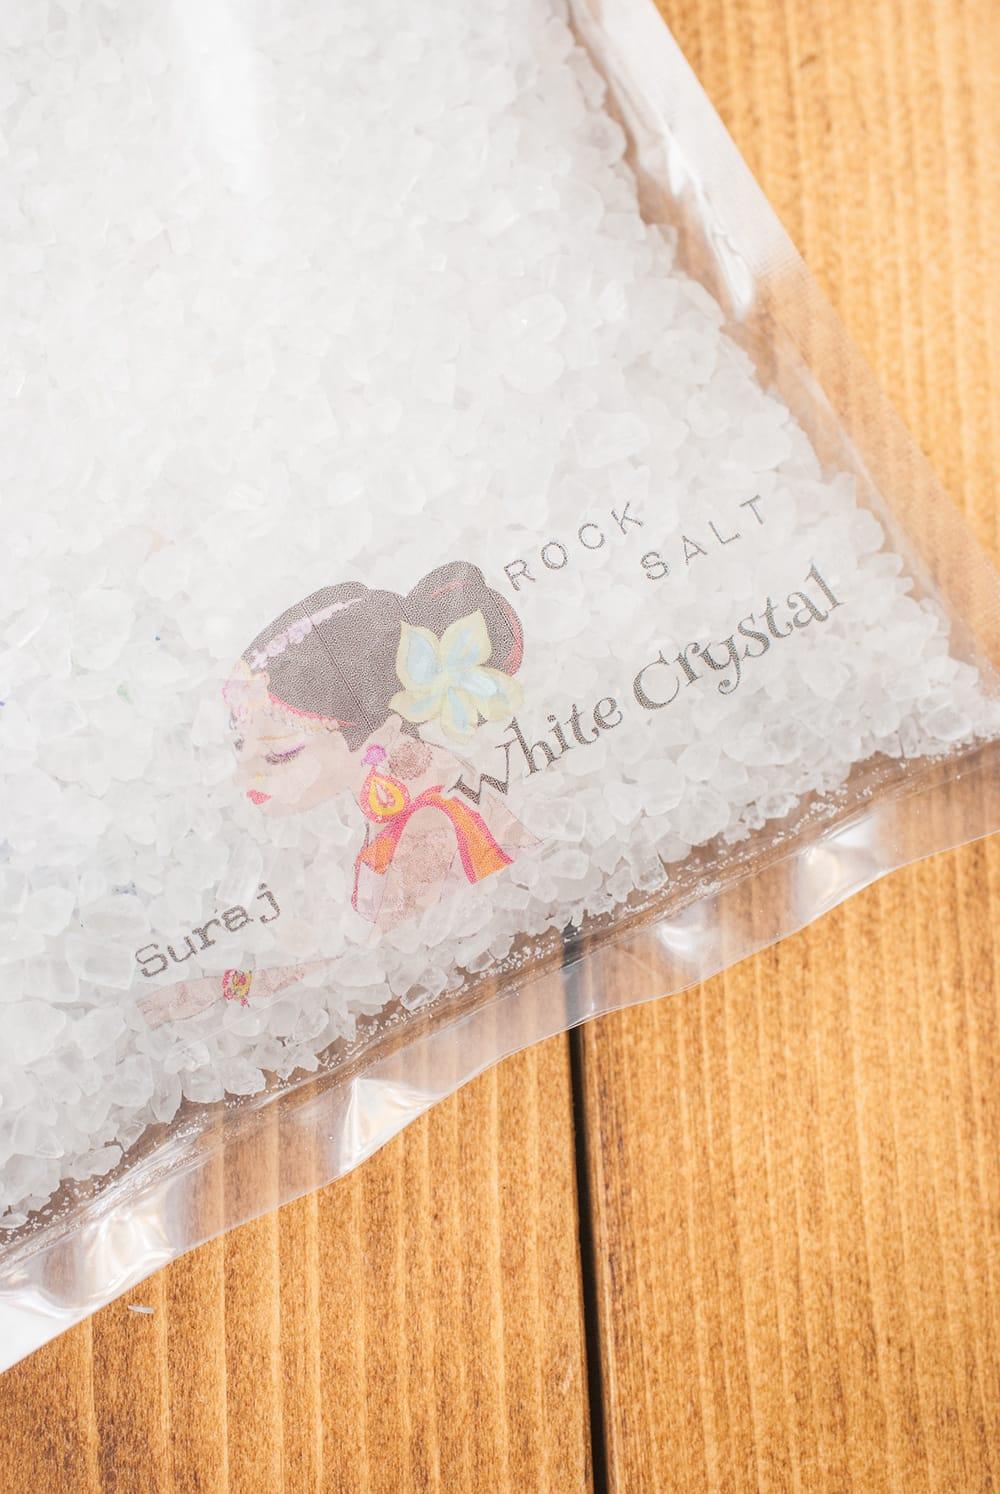 ホワイトクリスタル岩塩【ミル(粗目)500g】 3 - ミネラル分の豊かな塩です